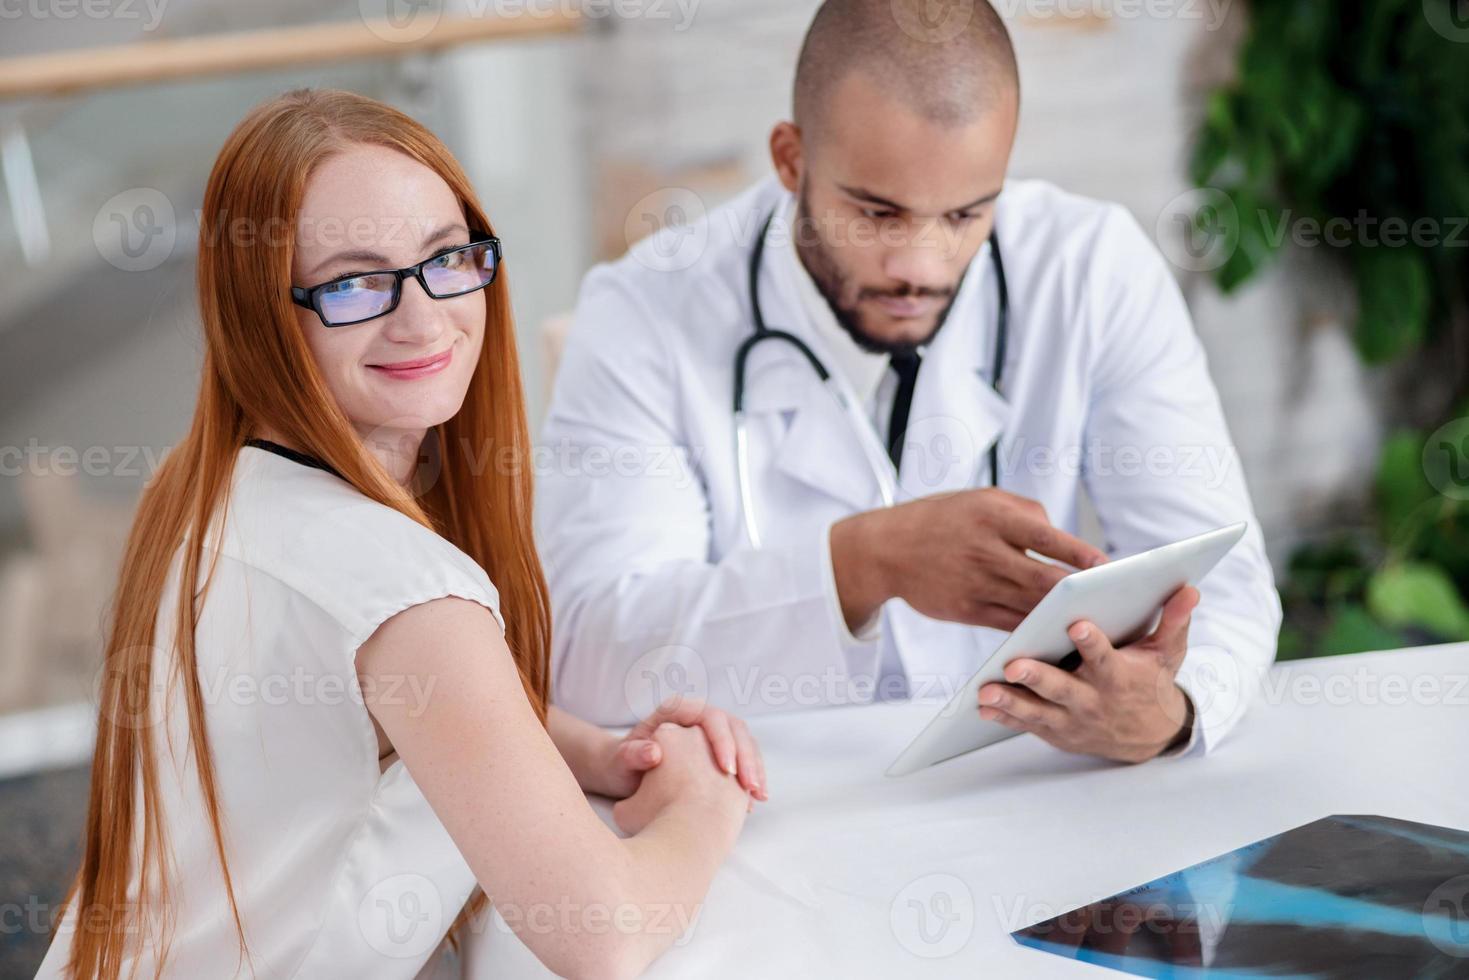 gezondheid van de patiënt. arts in gesprek met de patiënt foto